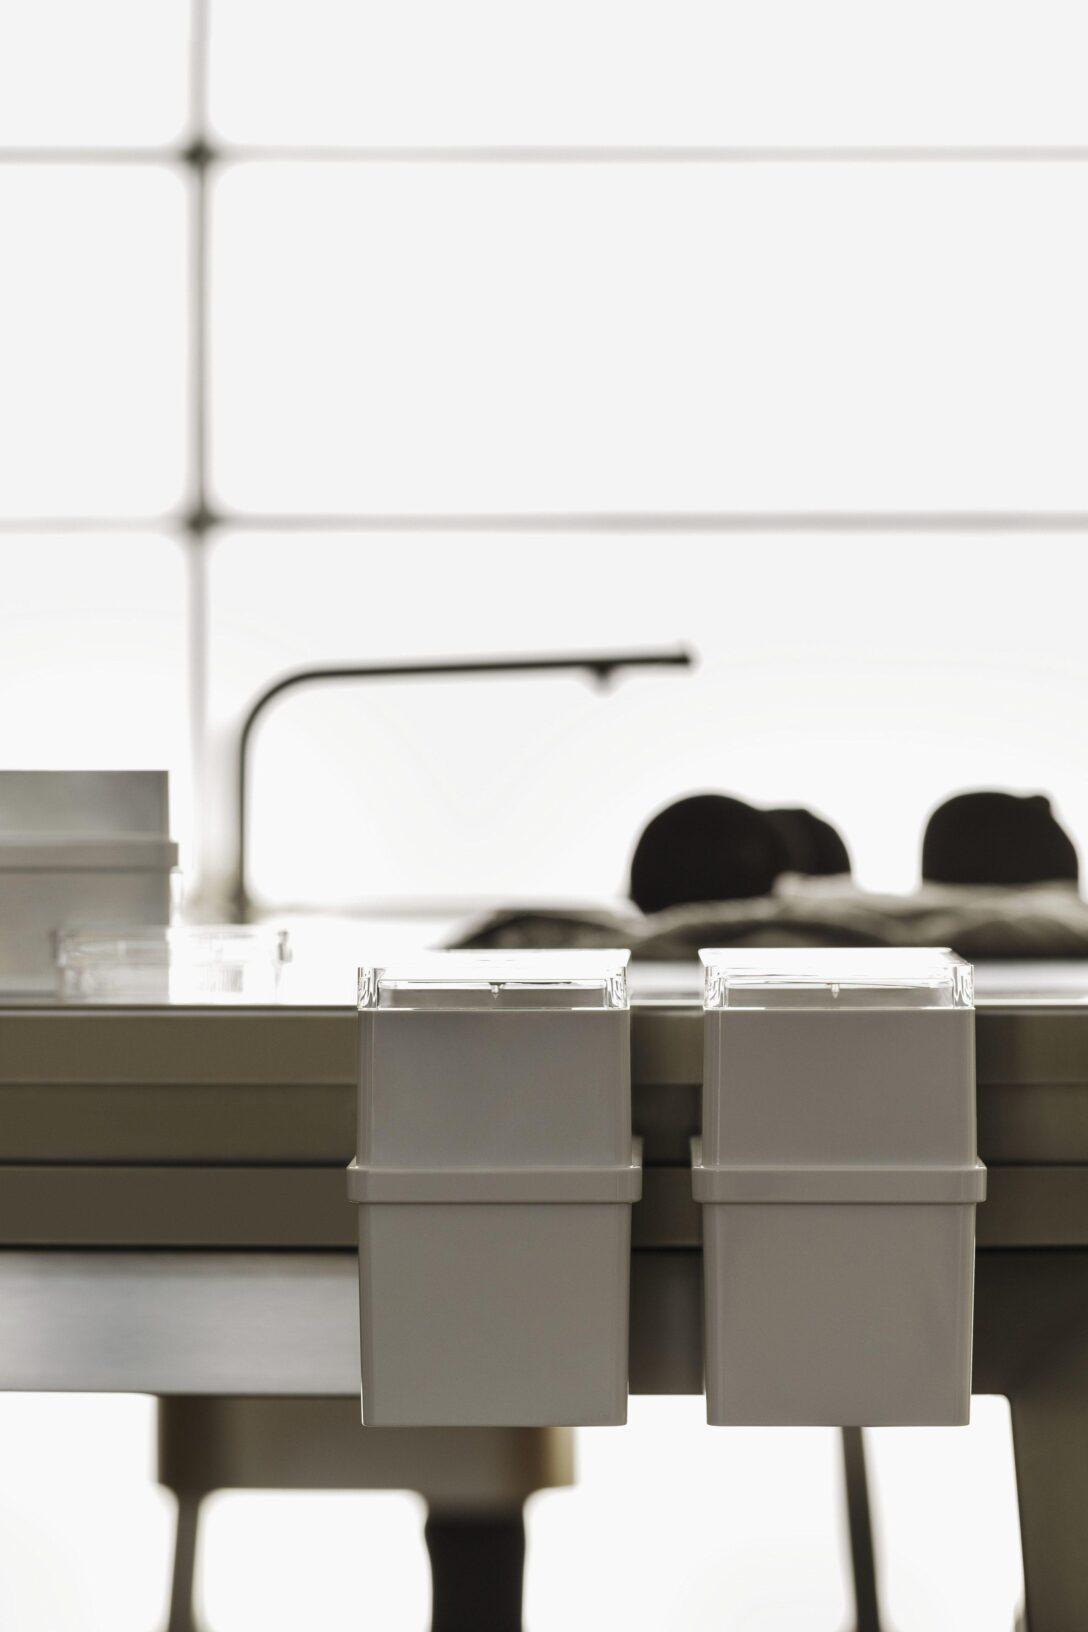 Large Size of Bulthaup B2 Aufbewahrungsbehlter An Der Kchenwe Küchen Regal Aufbewahrungsbehälter Küche Wohnzimmer Küchen Aufbewahrungsbehälter